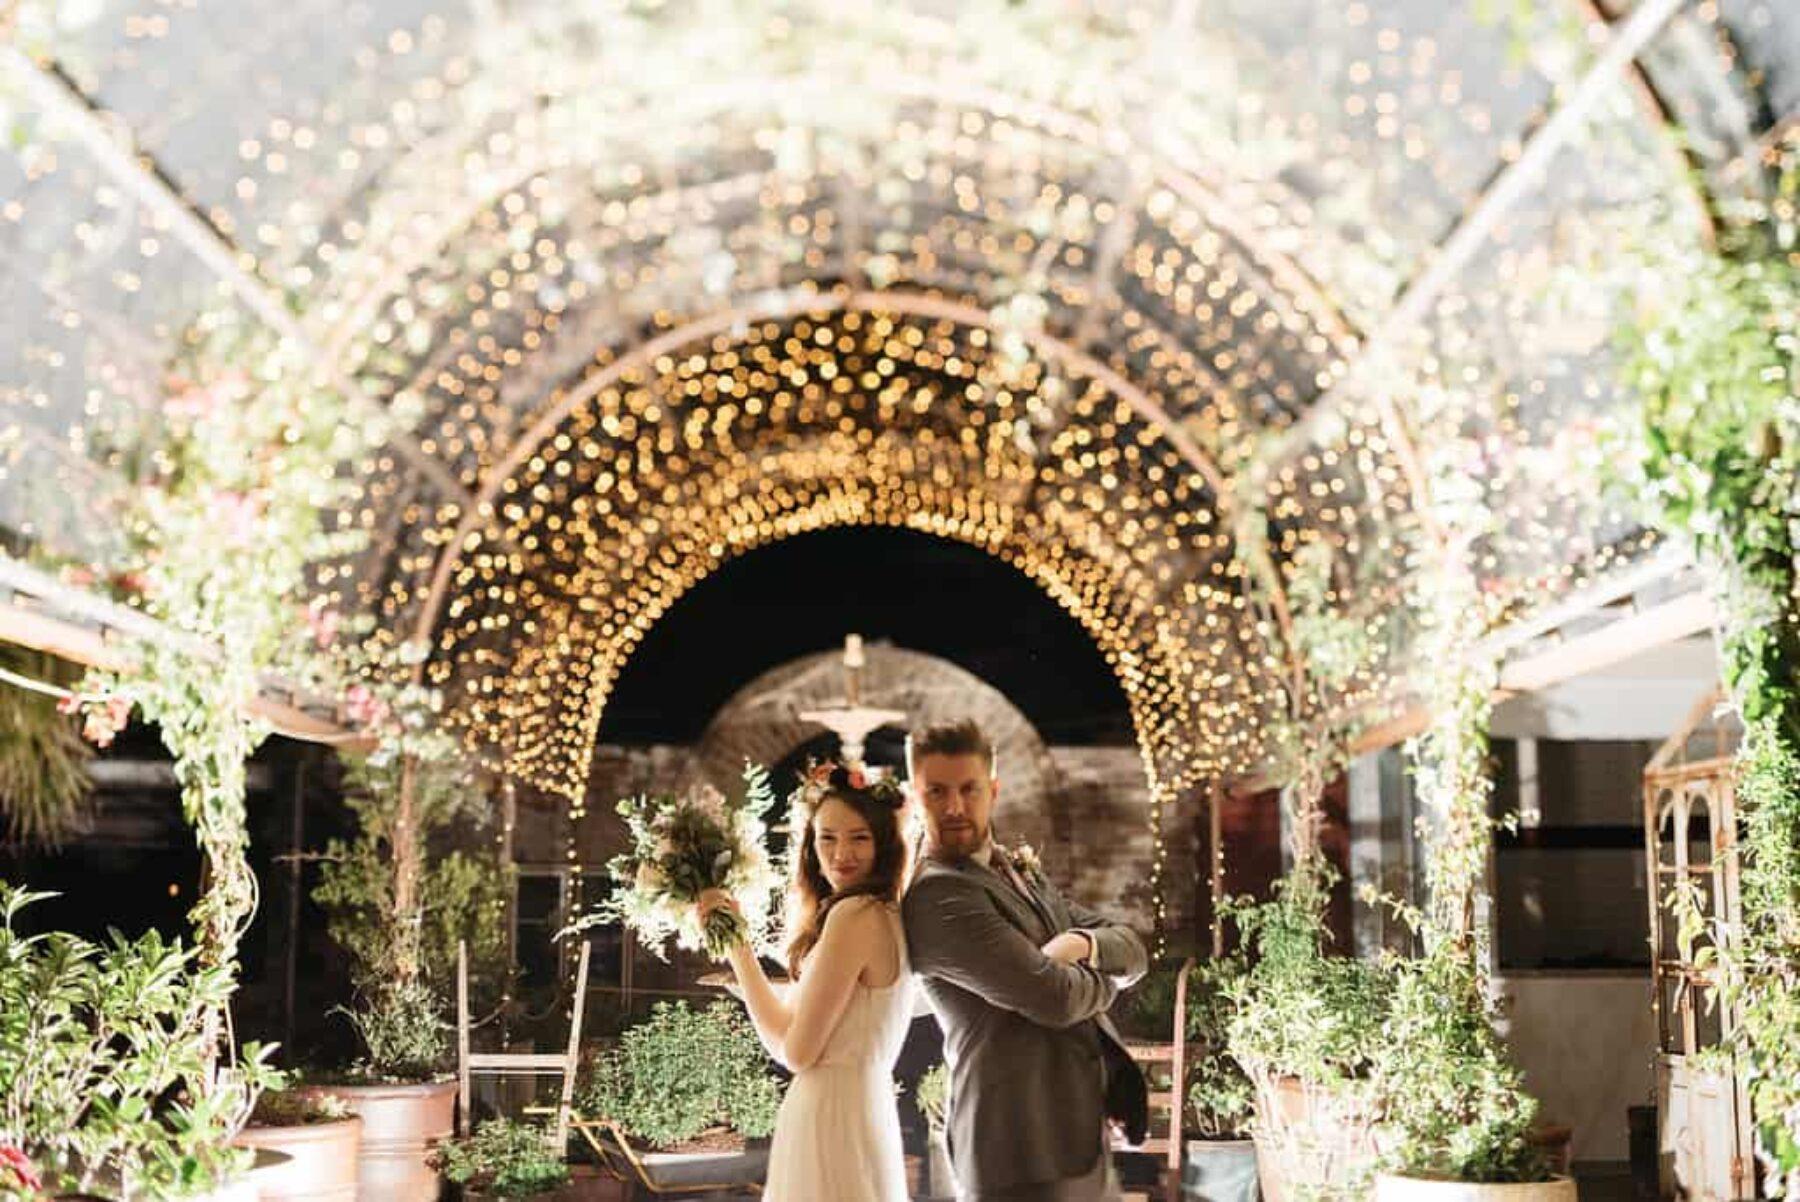 Grounds of Alexandria wedding / Photography by Studio Something